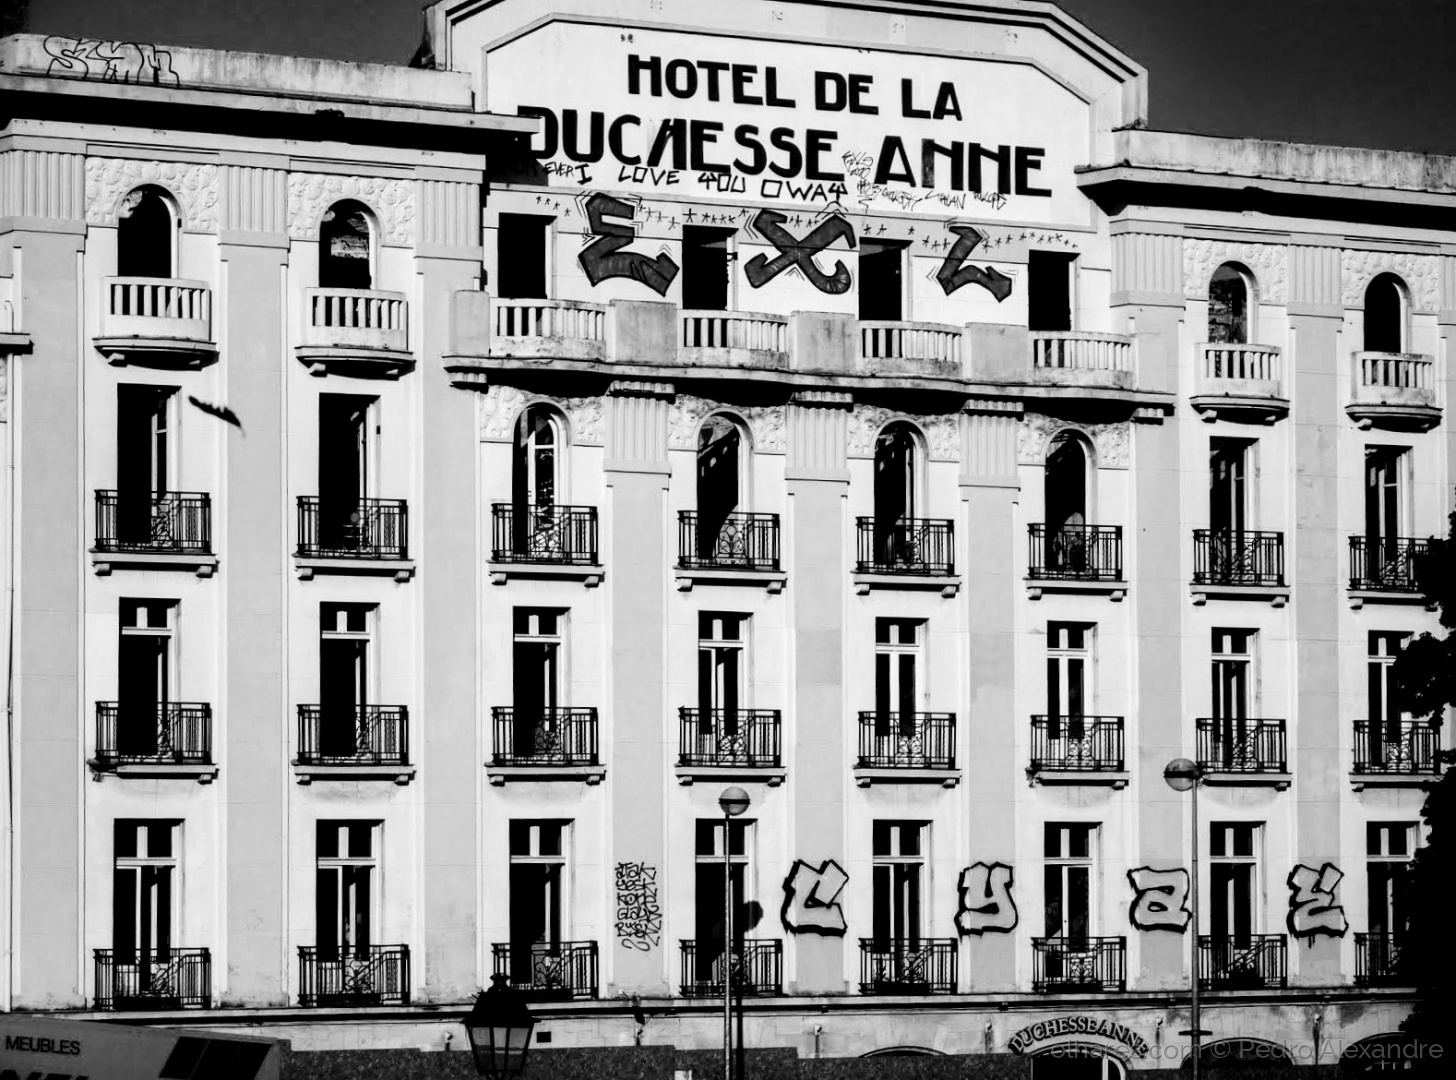 Fotojornalismo/Já foi um grande hotel...